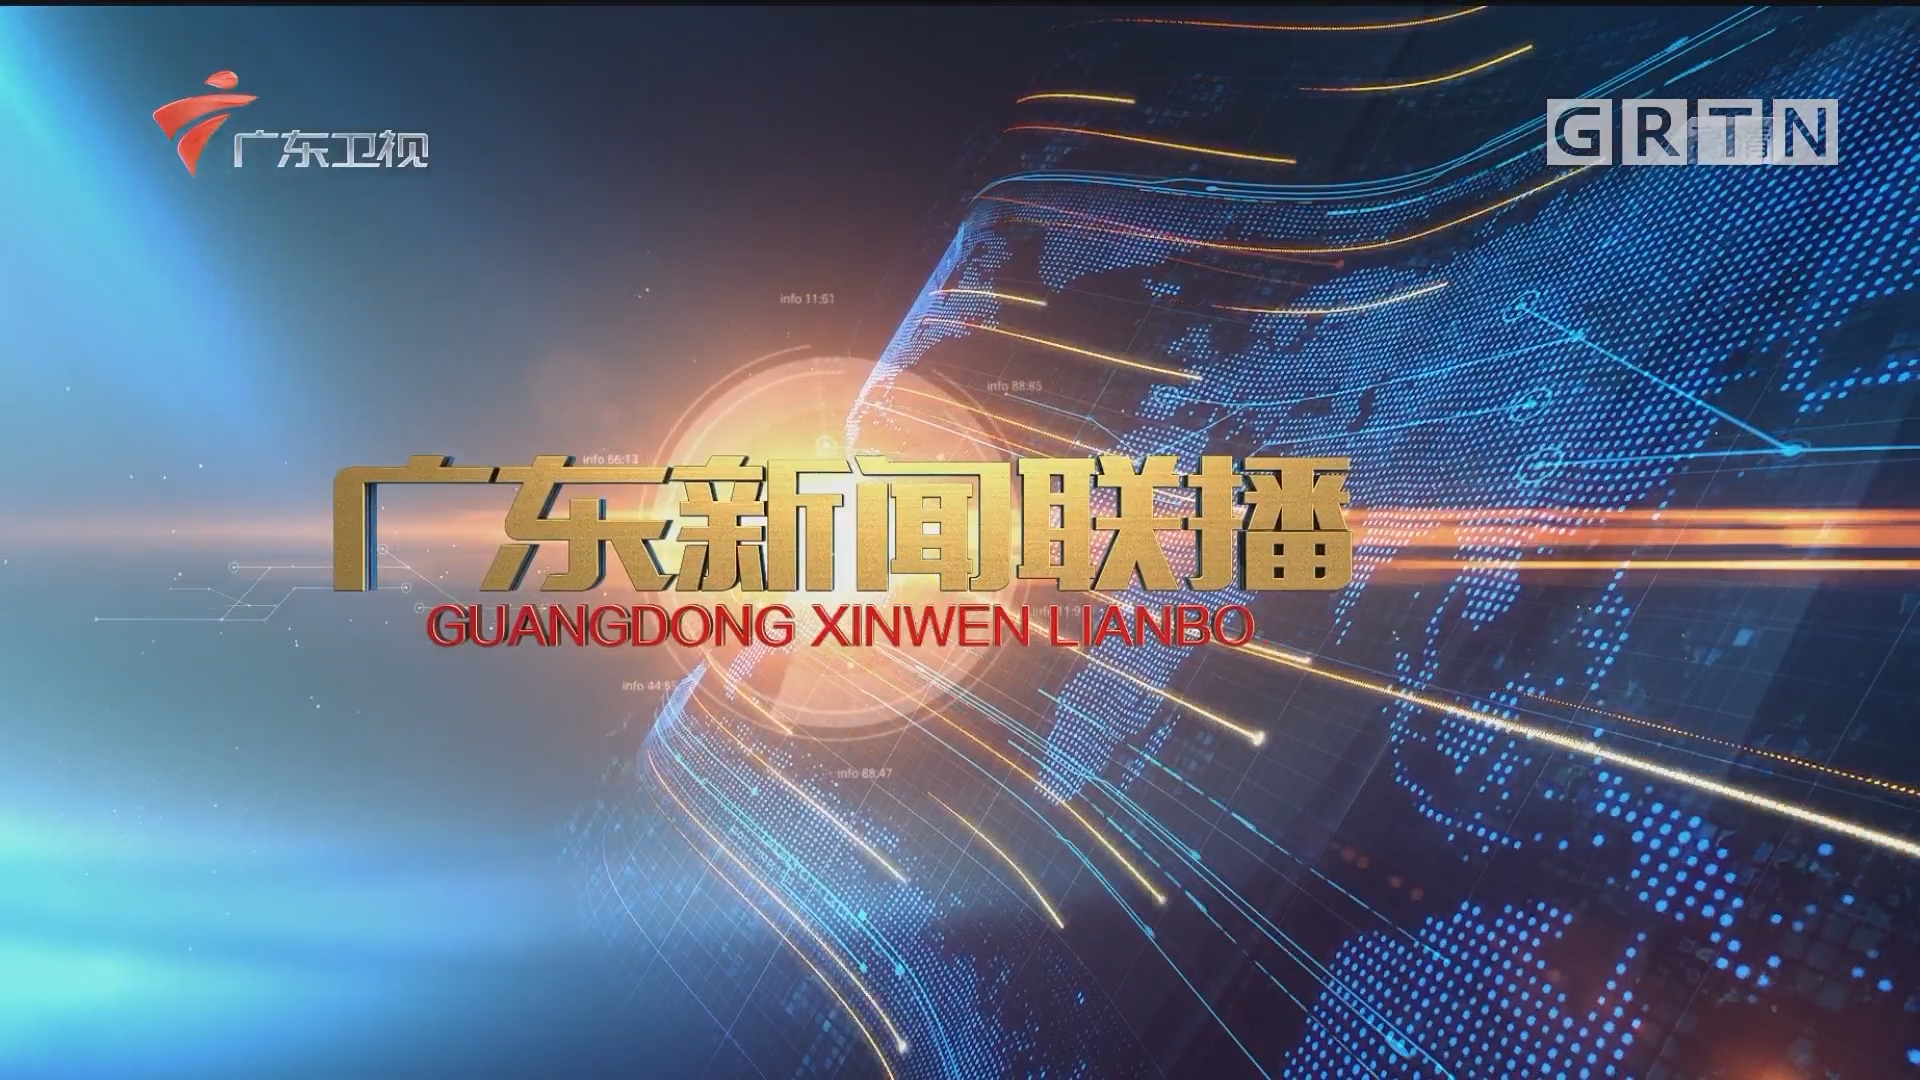 [HD][2017-10-13]广东新闻联播:广东:提升教育质量 让更多学生向着梦想迈进